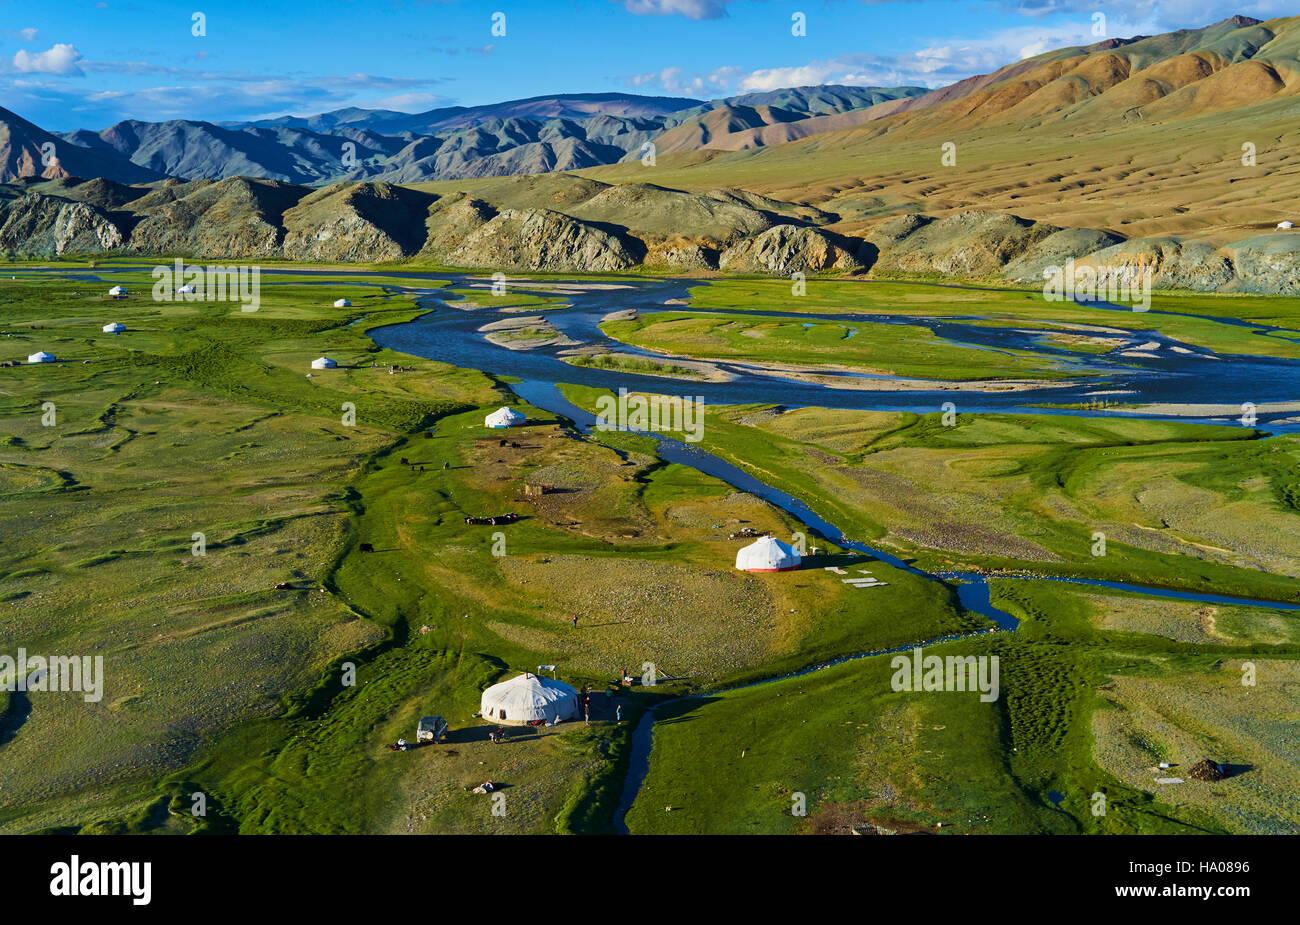 Mongolia, Bayan-Ulgii provincia, oeste de Mongolia, el delta del río Sagsay en las montañas de Altay Foto de stock